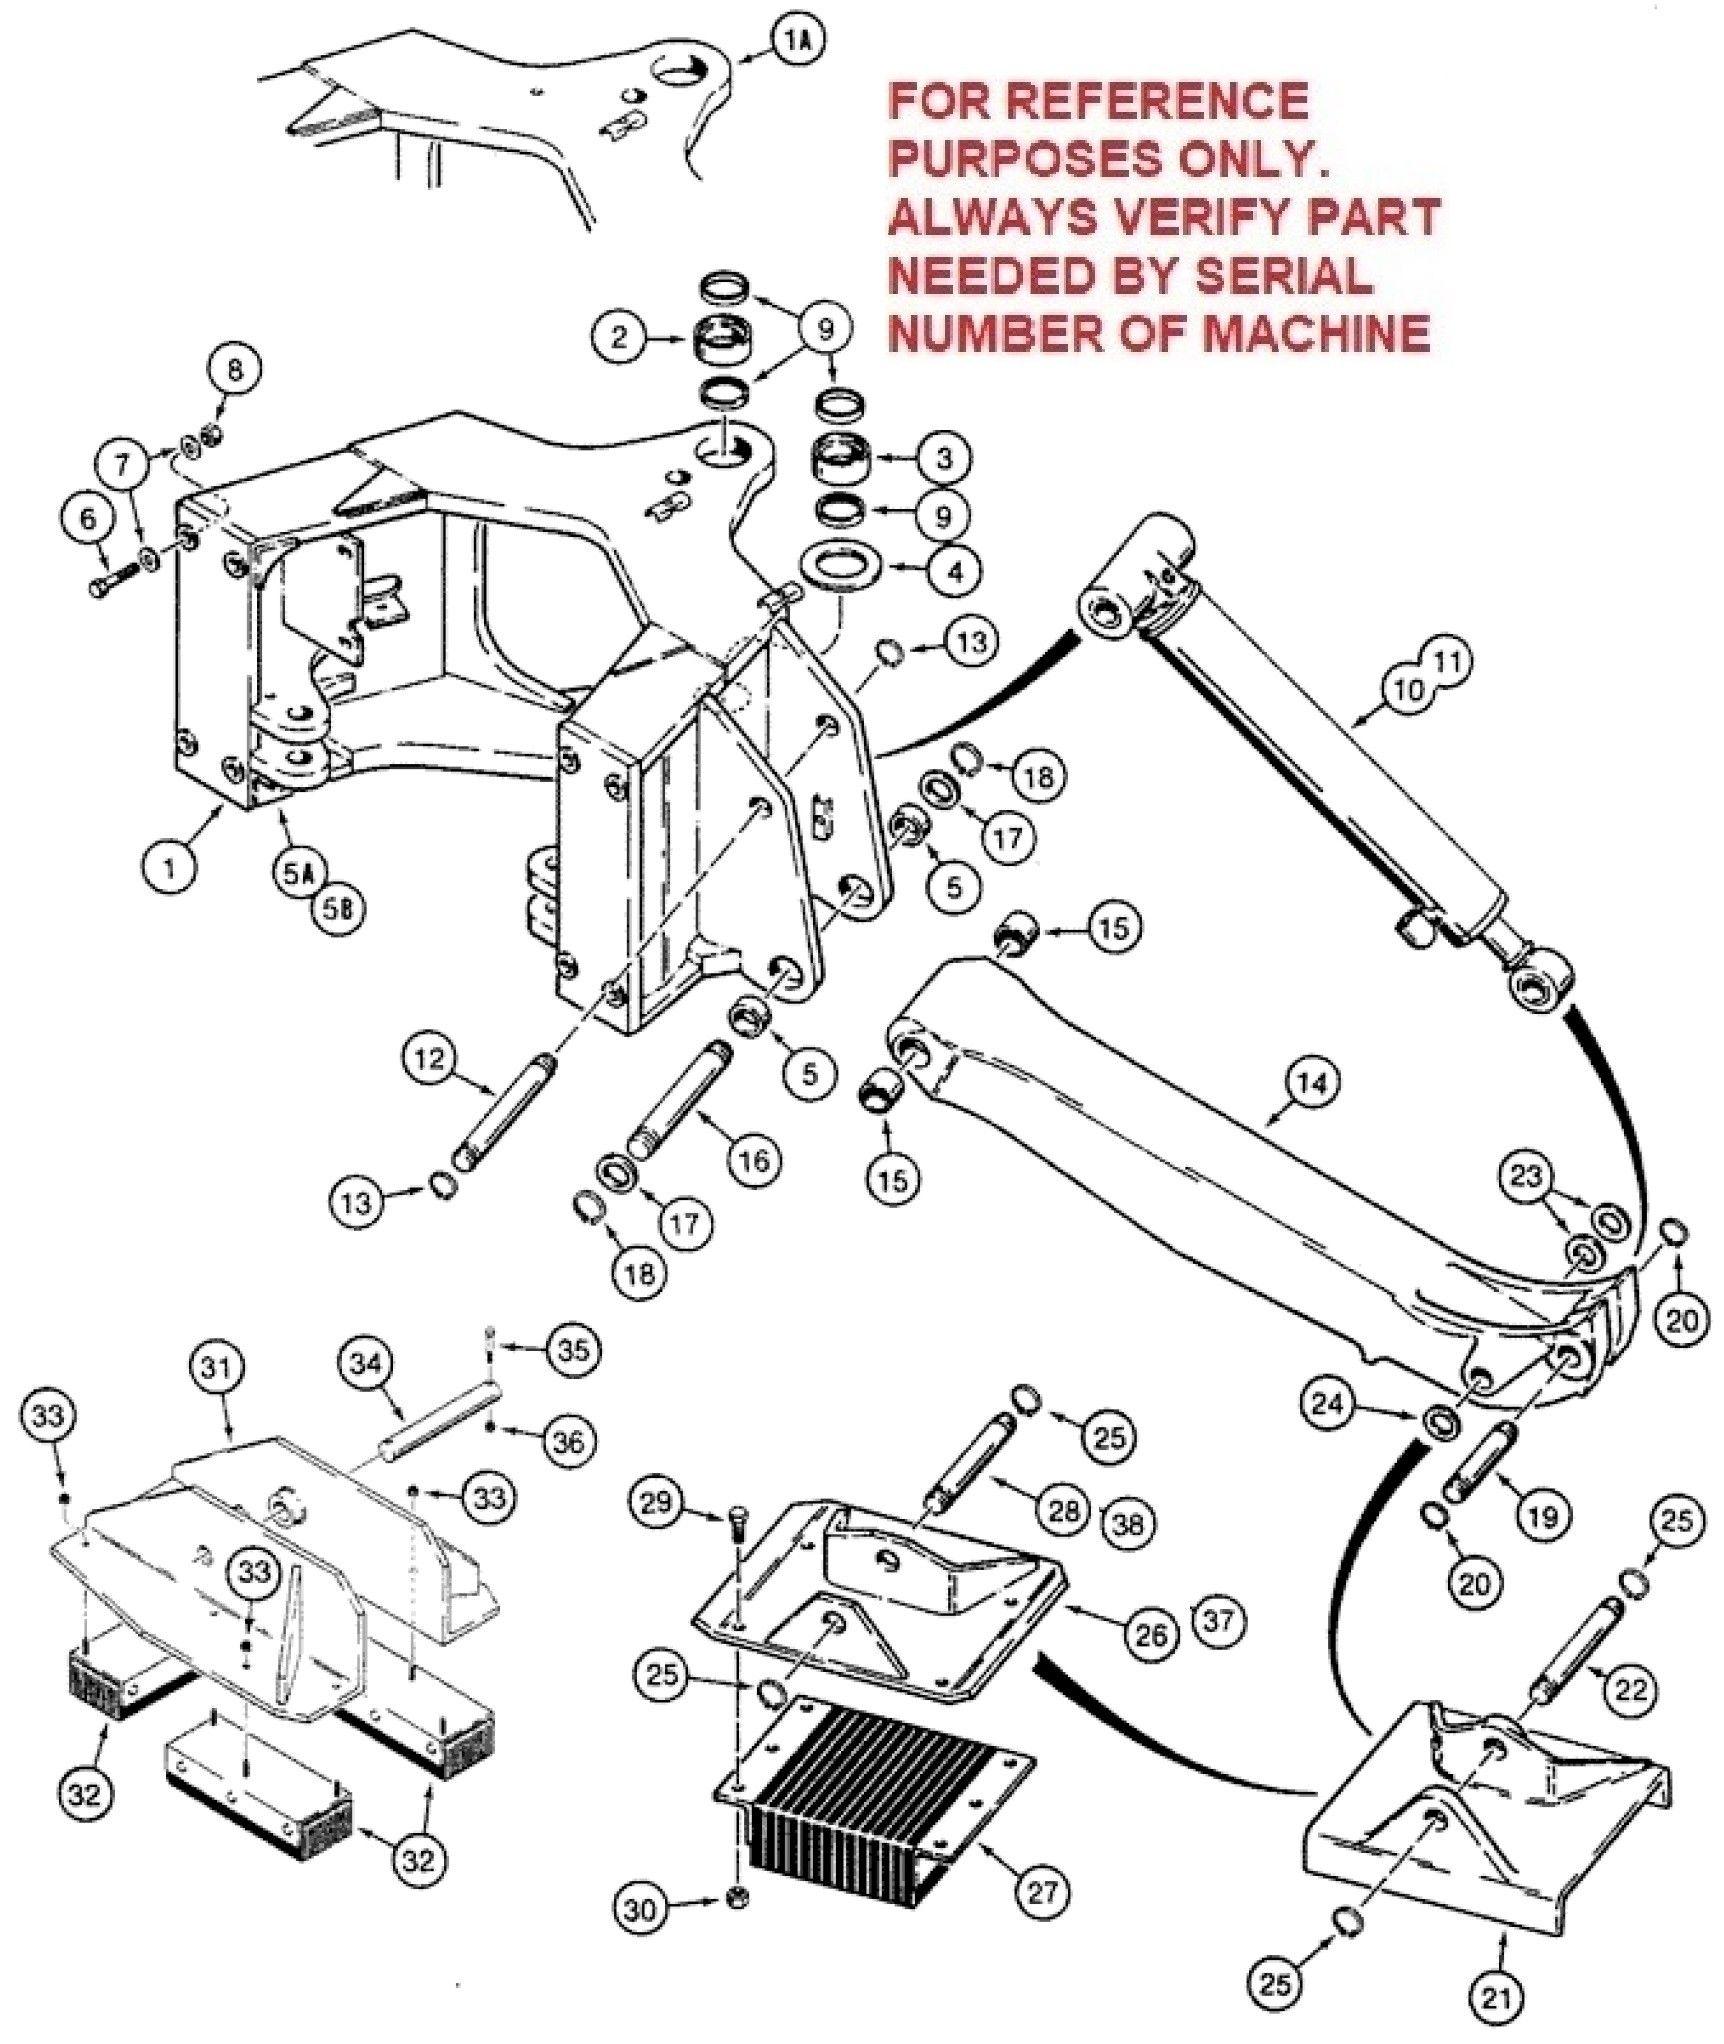 Case Backhoe Parts Diagram Case 580k Pre Jjg Loader